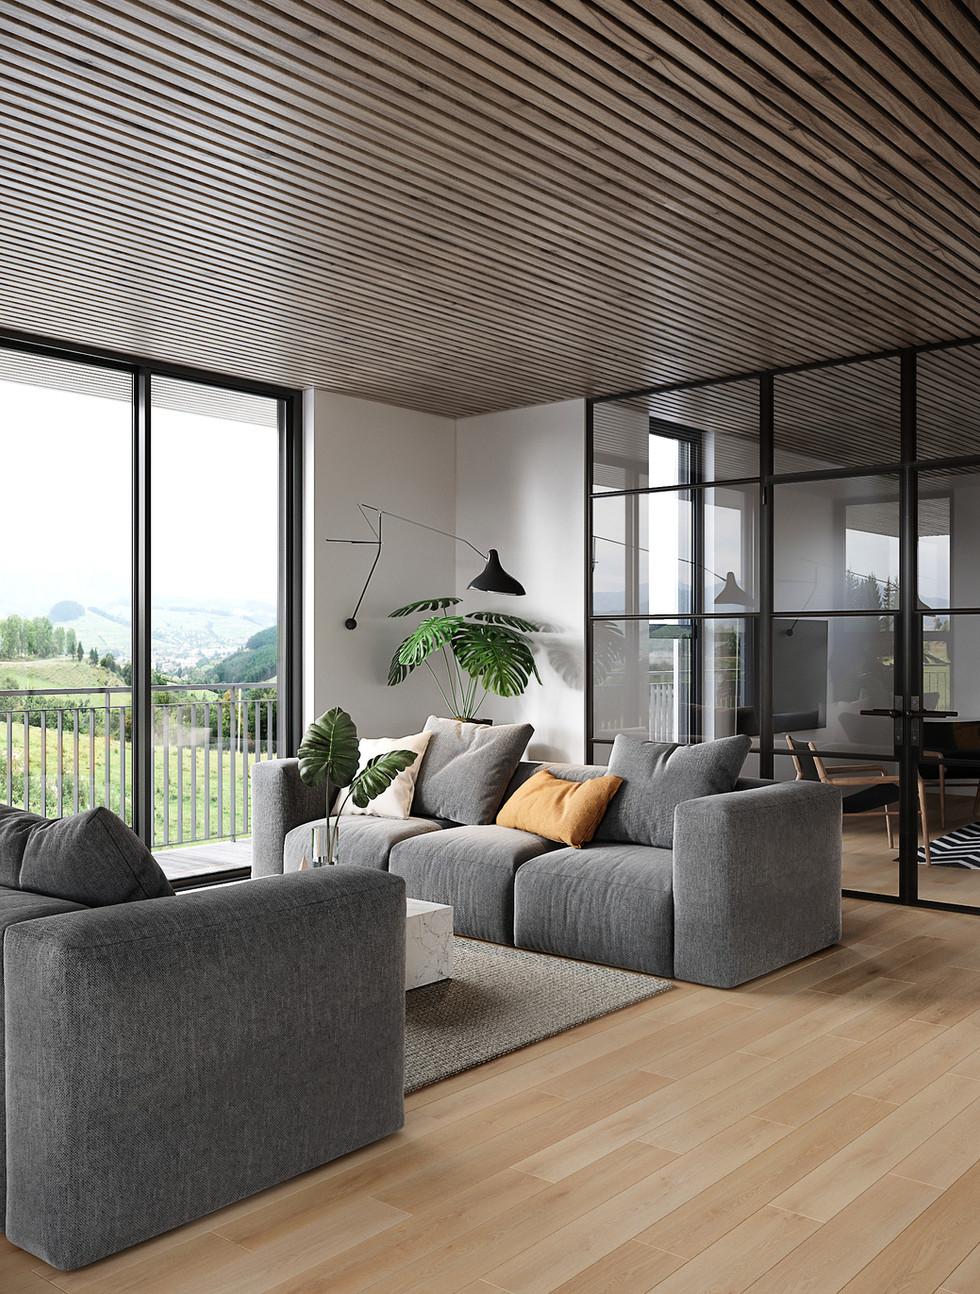 FINAL_FramsVei_interior_08.jpg